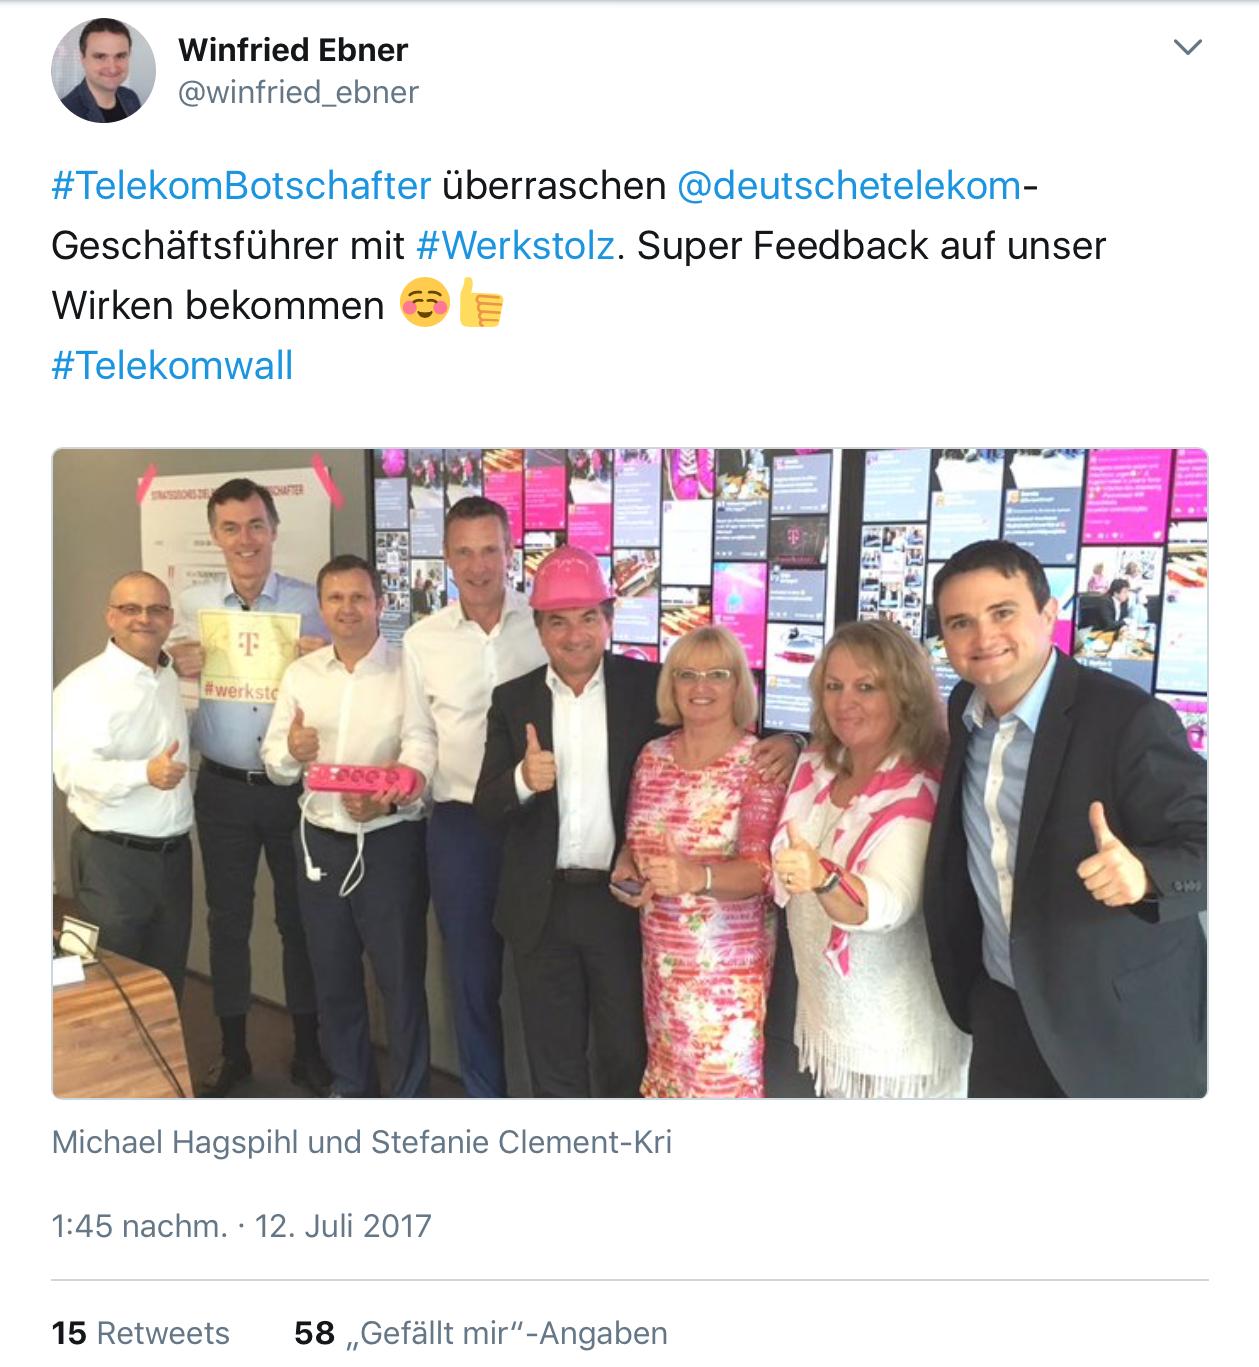 Menschennetzwerk #Werkstolz: Vier Telekom Botschafter-Geschichten